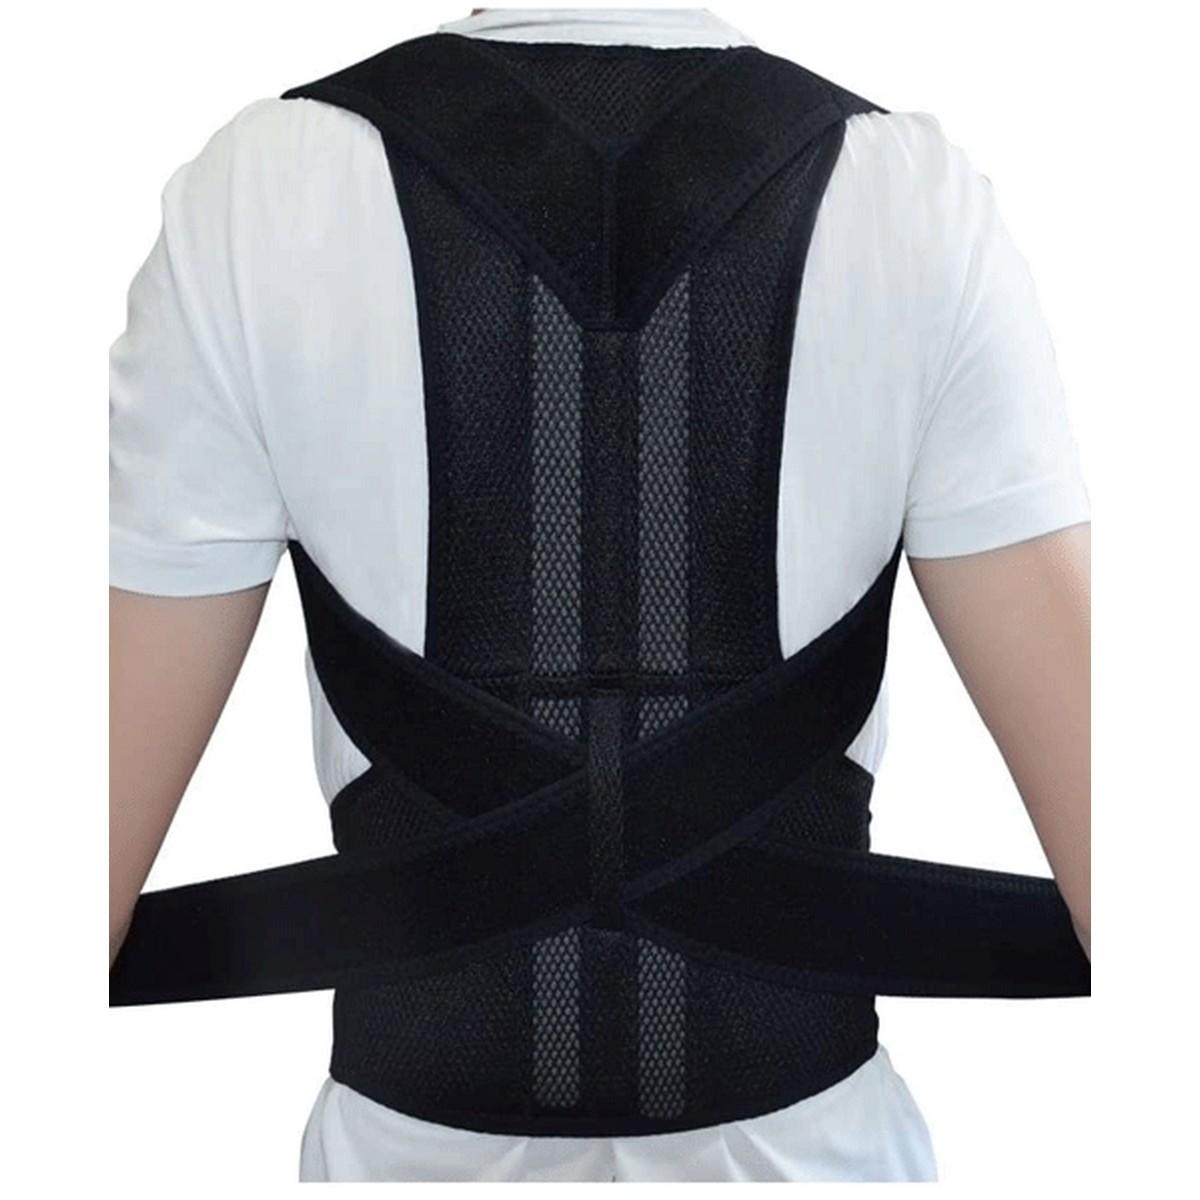 Magnetic Therapy Posture Corrector Brace Shoulder Back Support Belt for Men Women